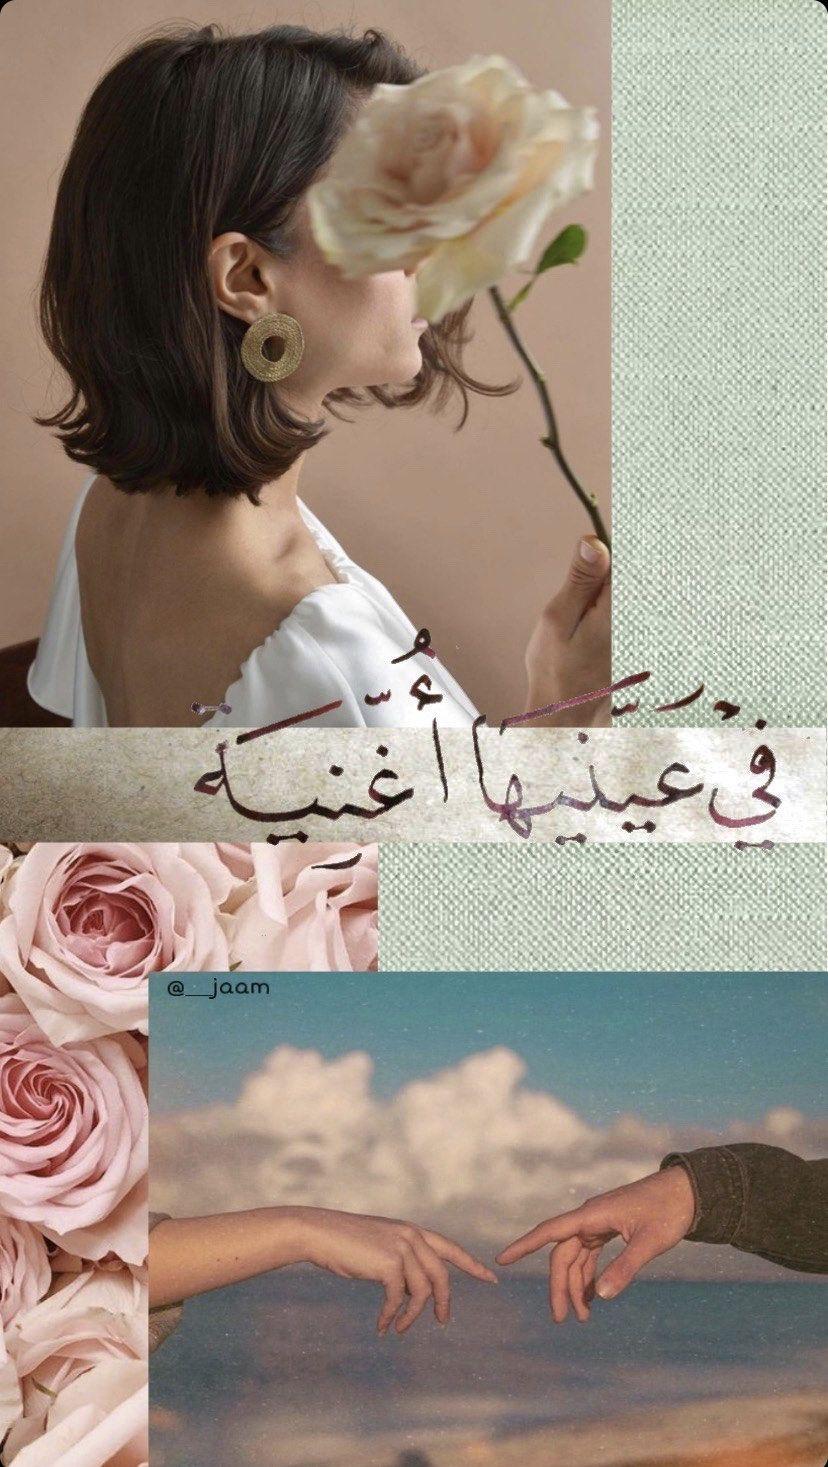 في عينيها أغنية Iphone Wallpaper Quotes Love Cute Desktop Wallpaper Iphone Wallpaper Video